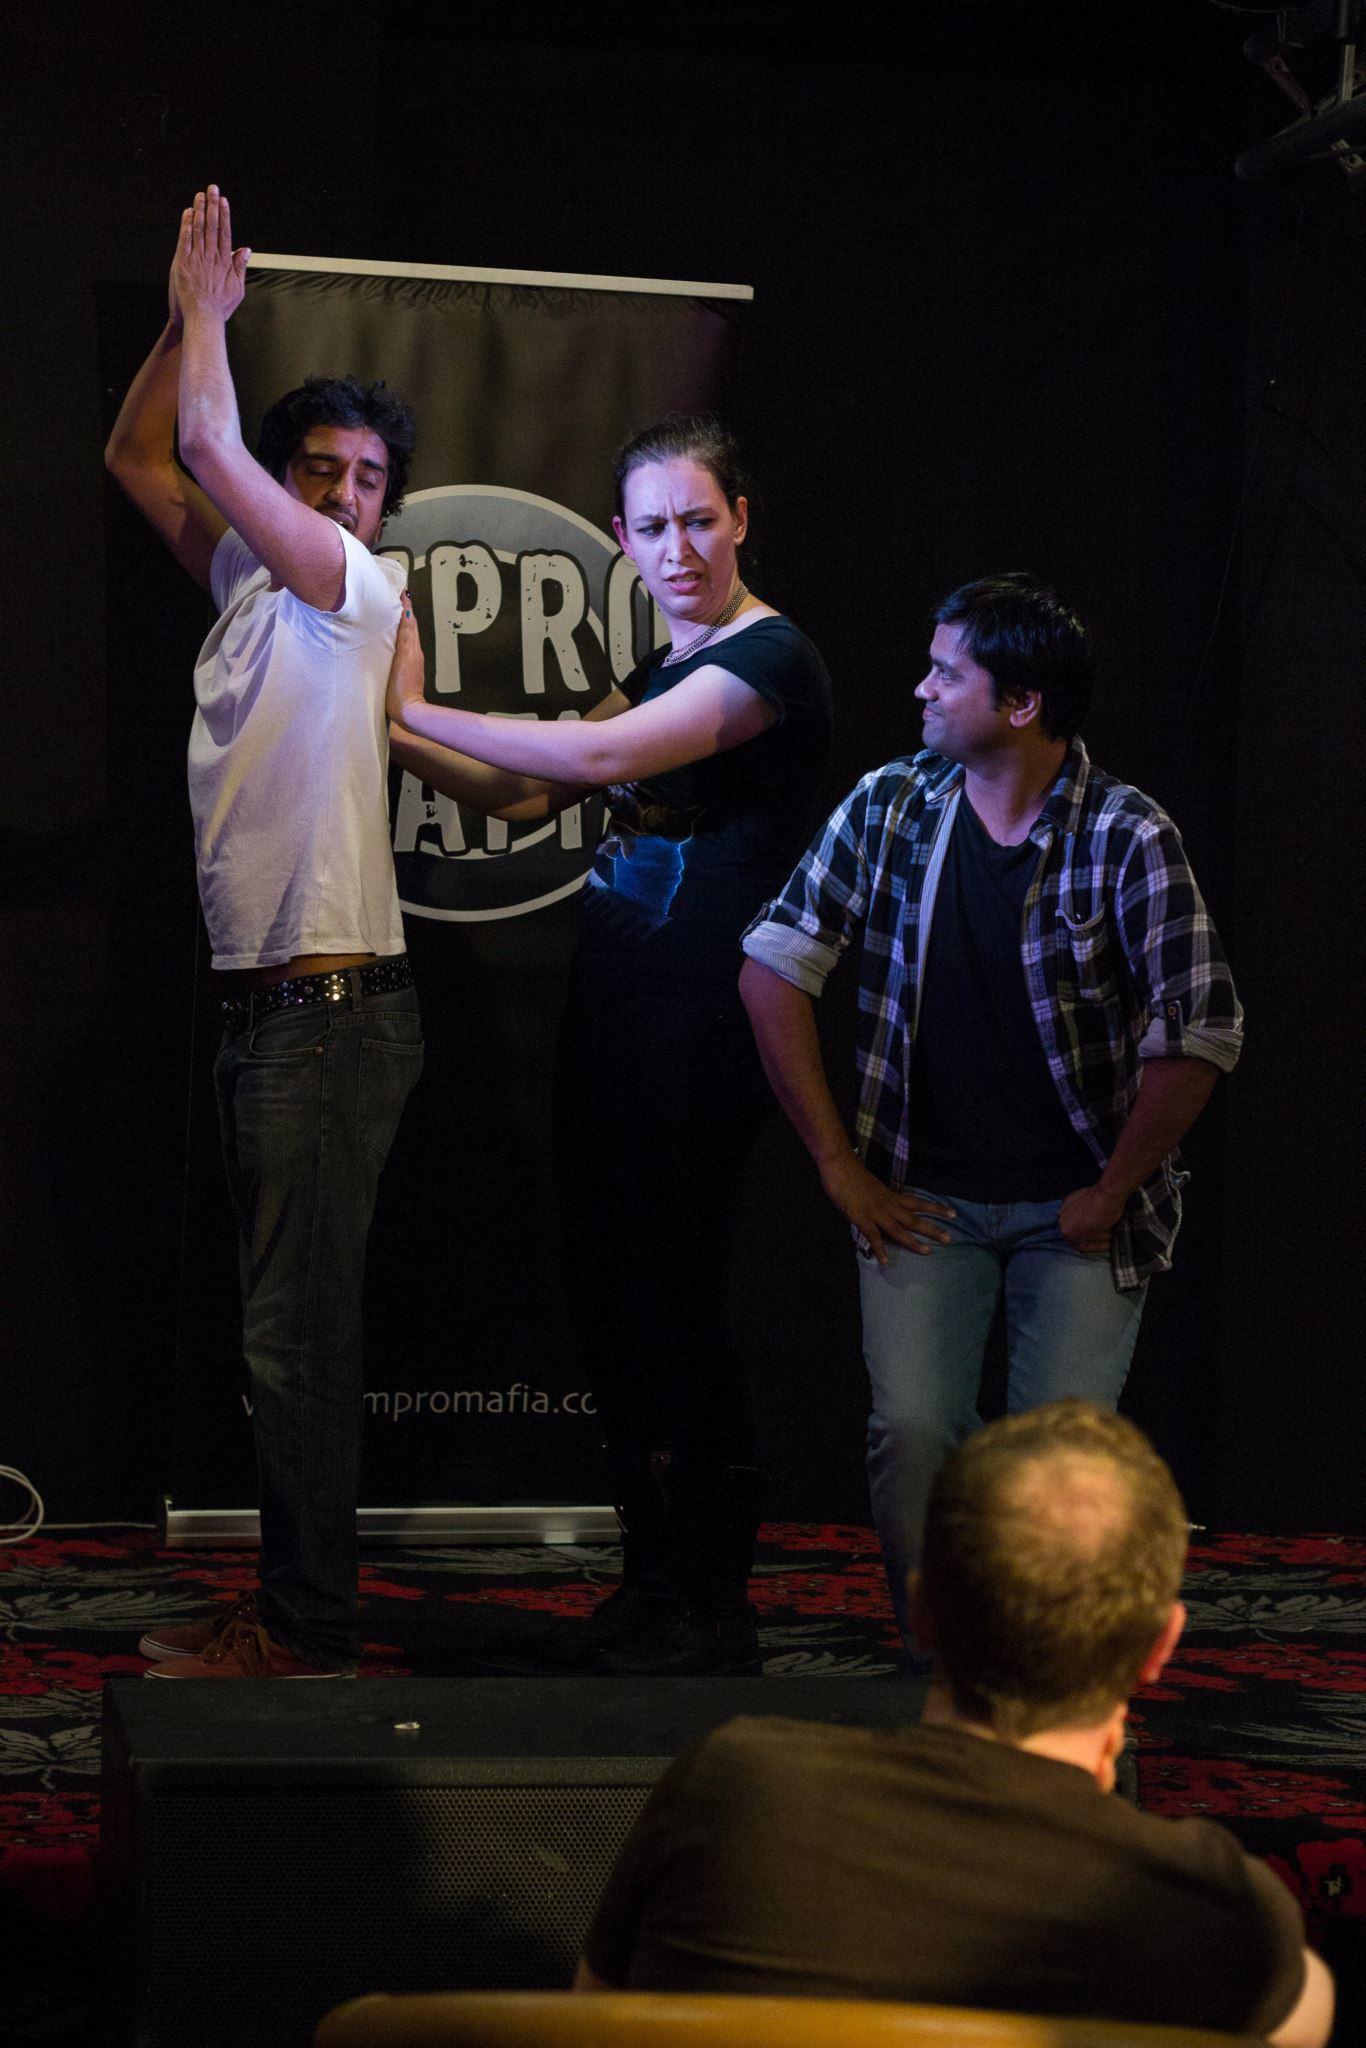 Rare evidence of Ashwin improvising at Double Shot Impro.